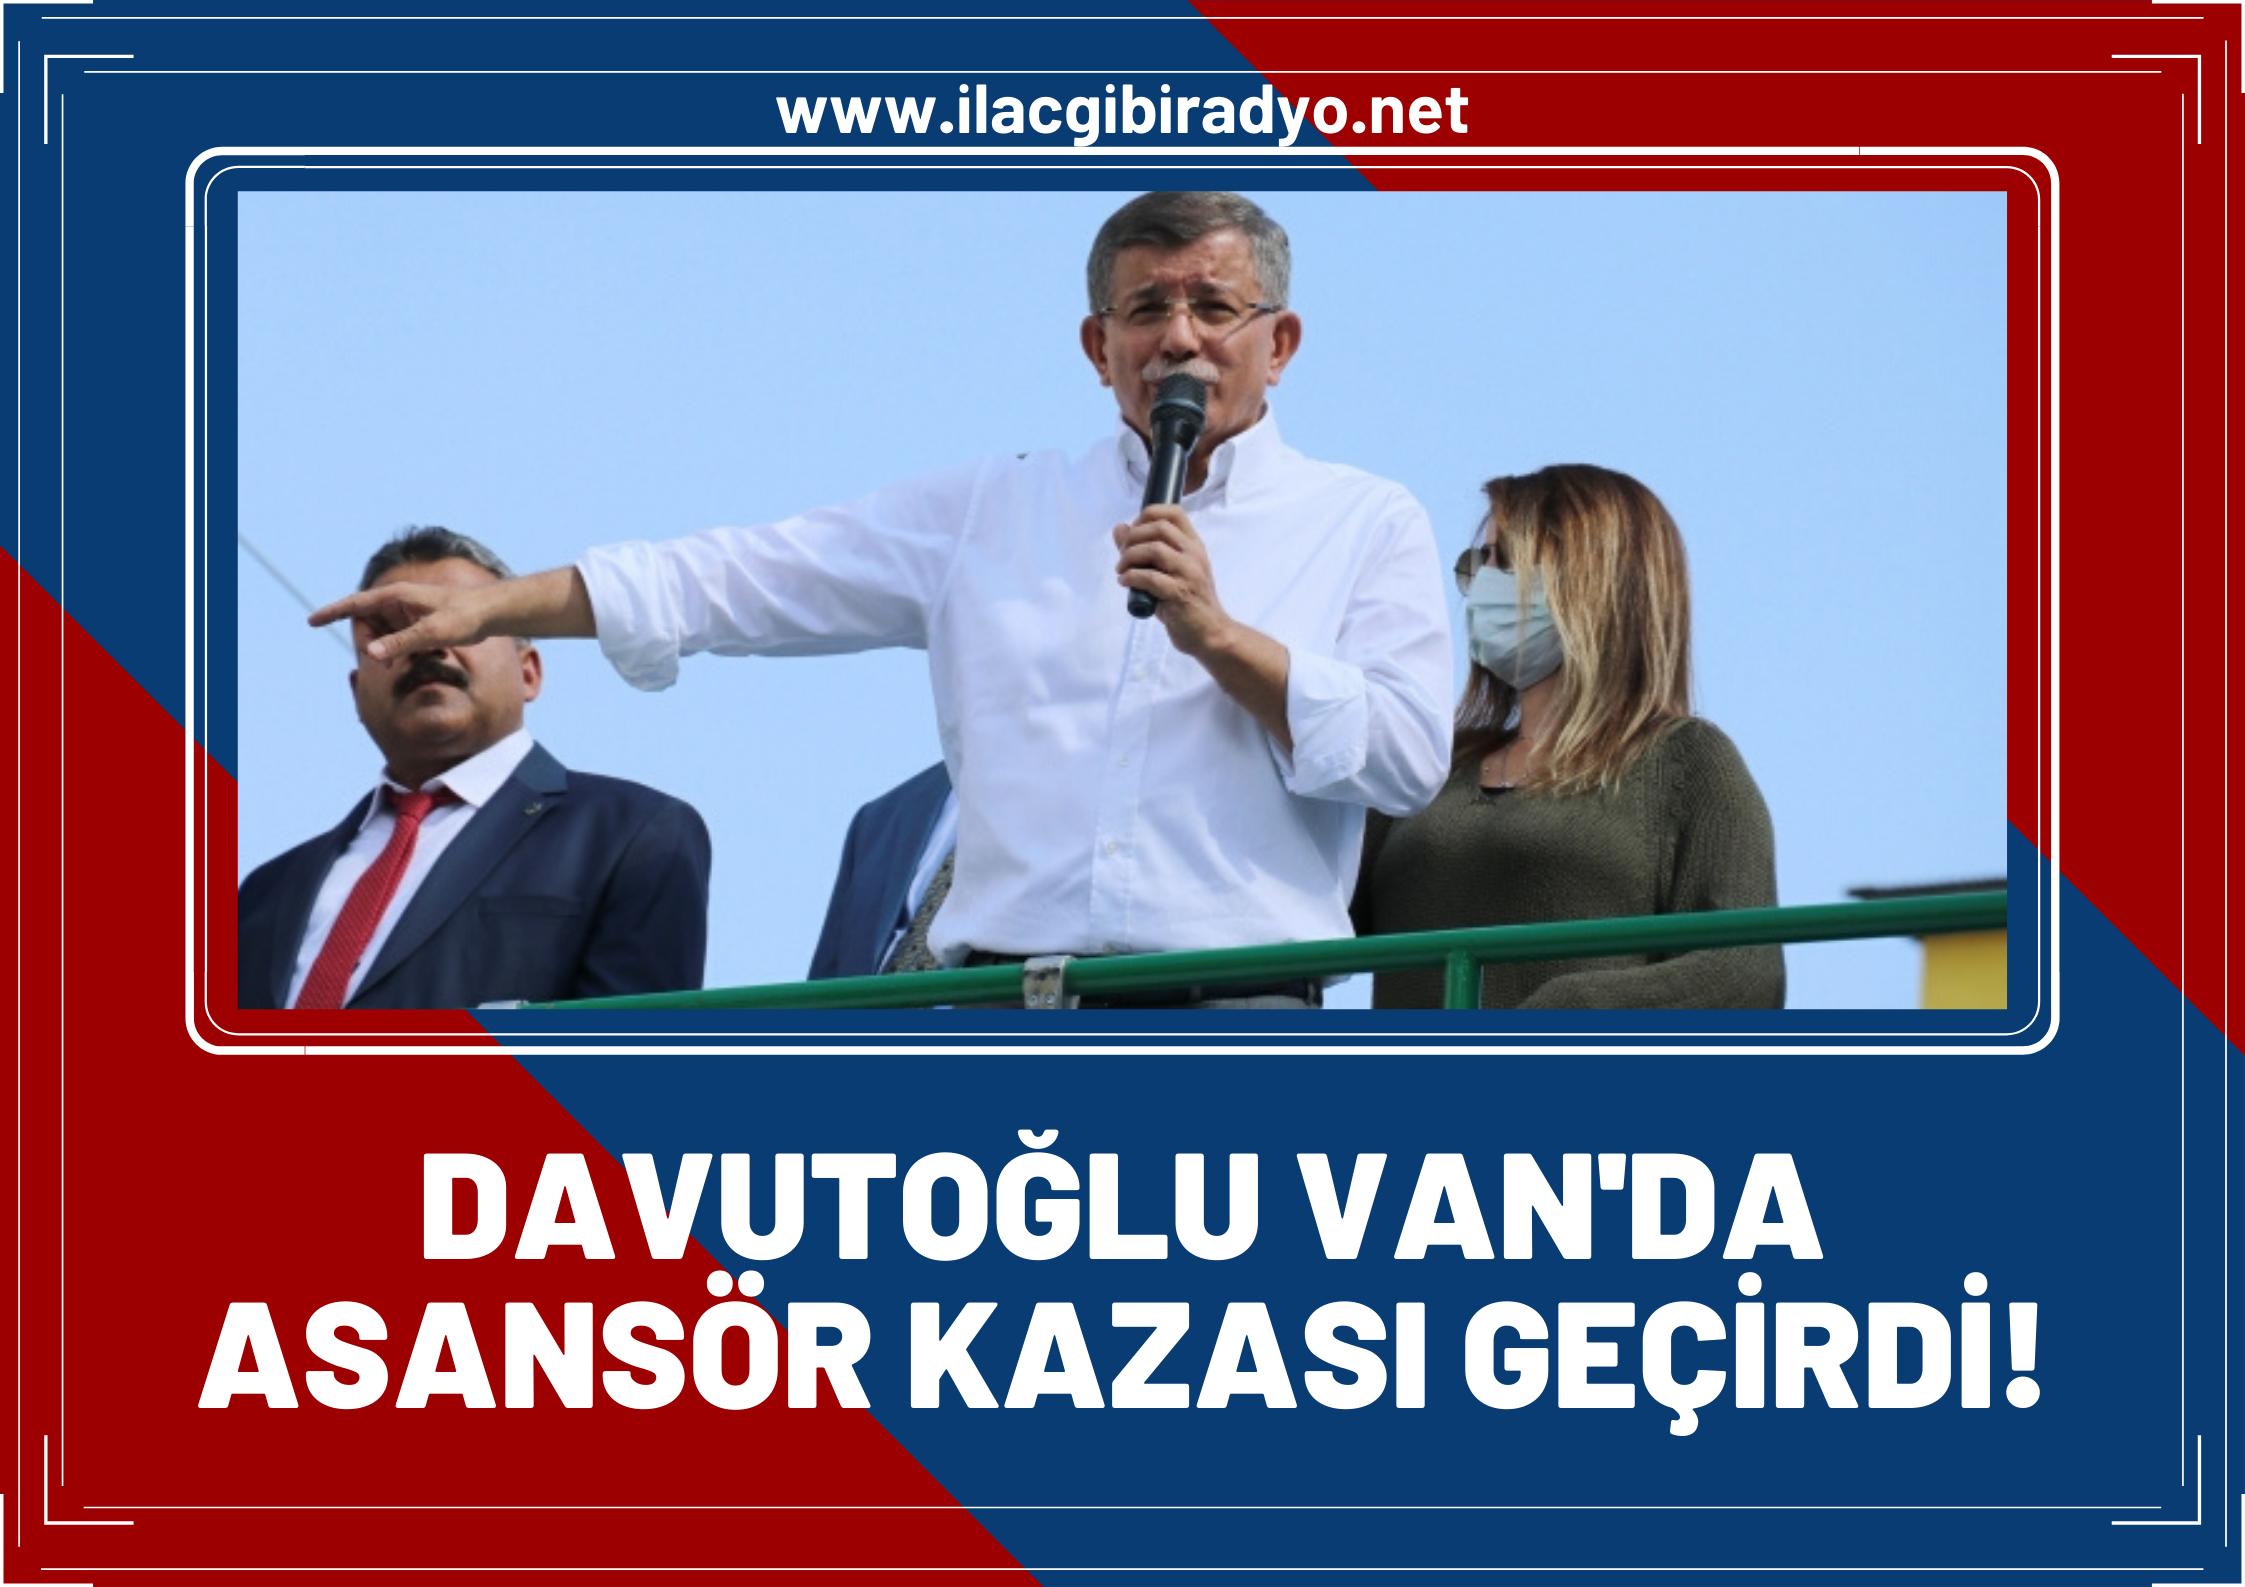 Davutoğlu Van'da asansör kazası geçirdi! Partiden sağlık durumu ile ilgili açıklama geldi...